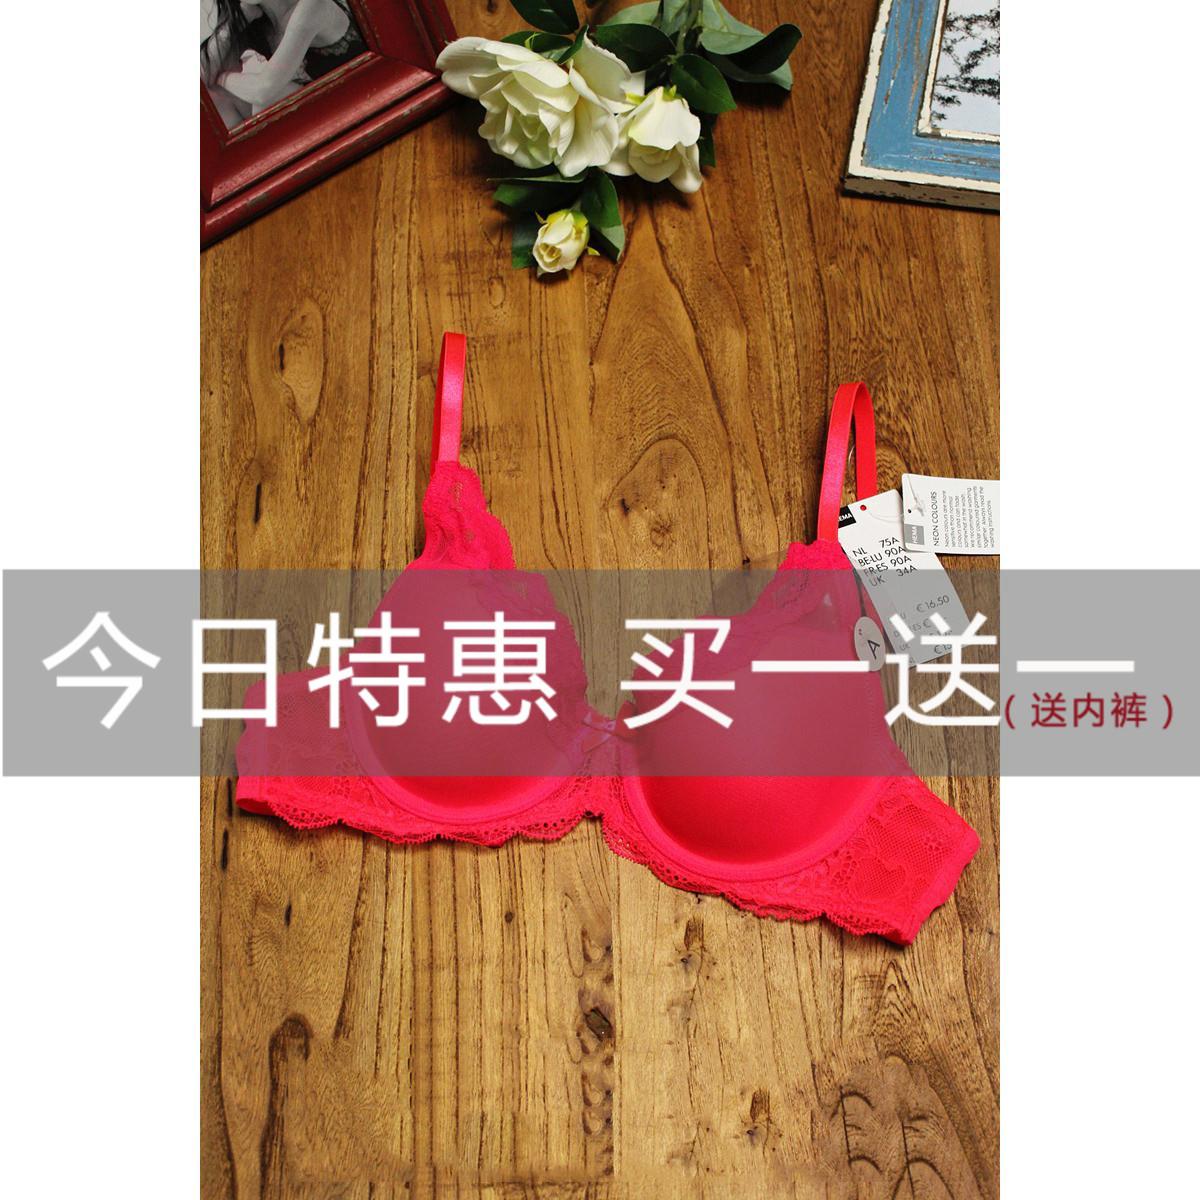 荷兰  性感荧光桃红色 蕾丝边 薄款海绵杯 欧美文胸内衣P9